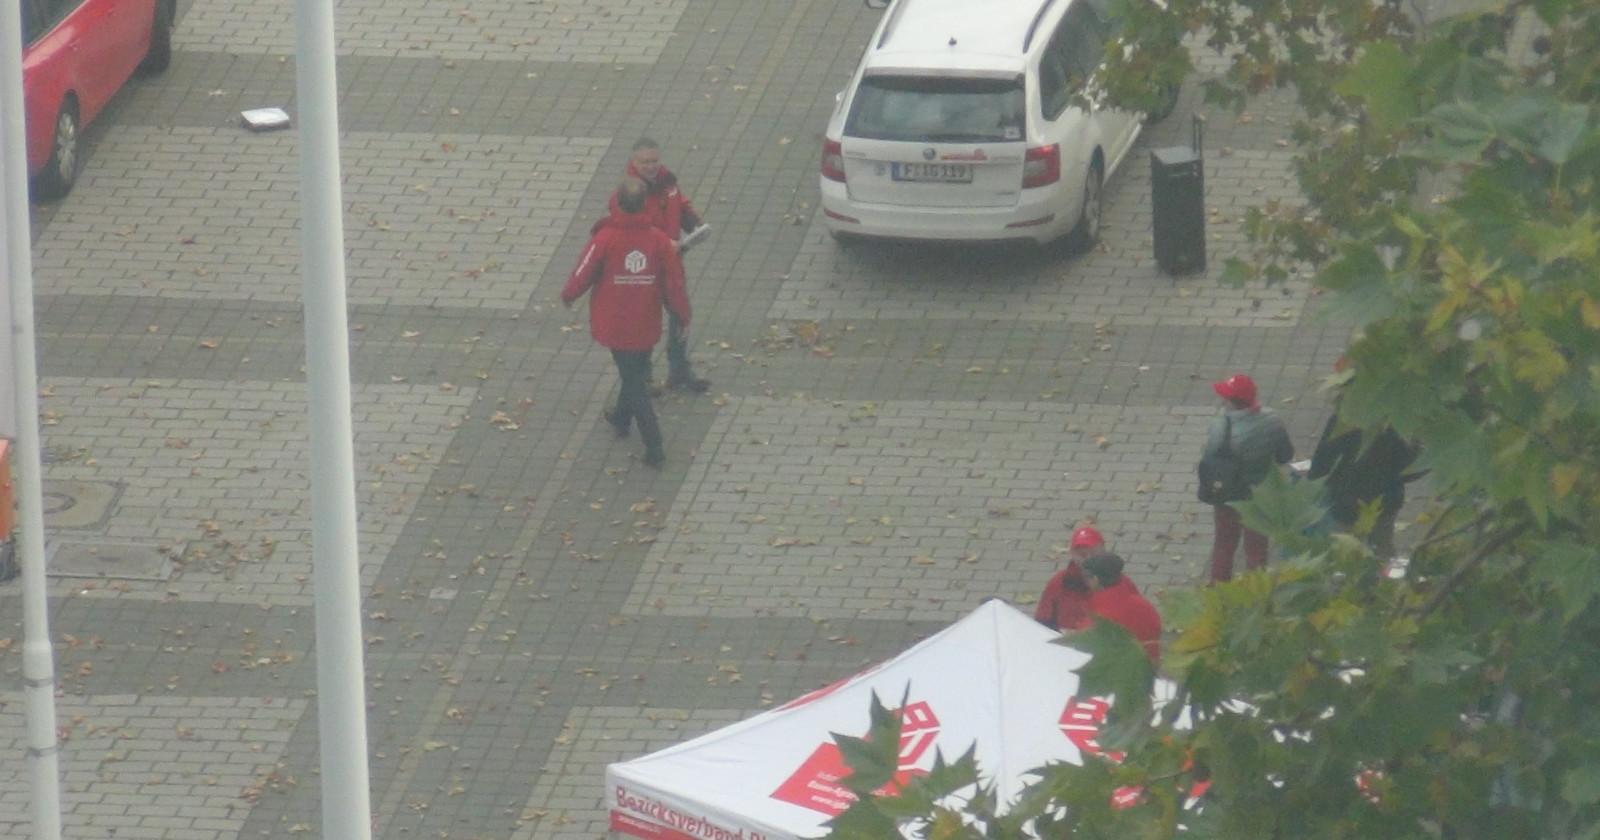 +++Frankfurt live 10:00 Uhr: Vor dem Verhandlungsort finden die ersten Aufbauarbeiten statt